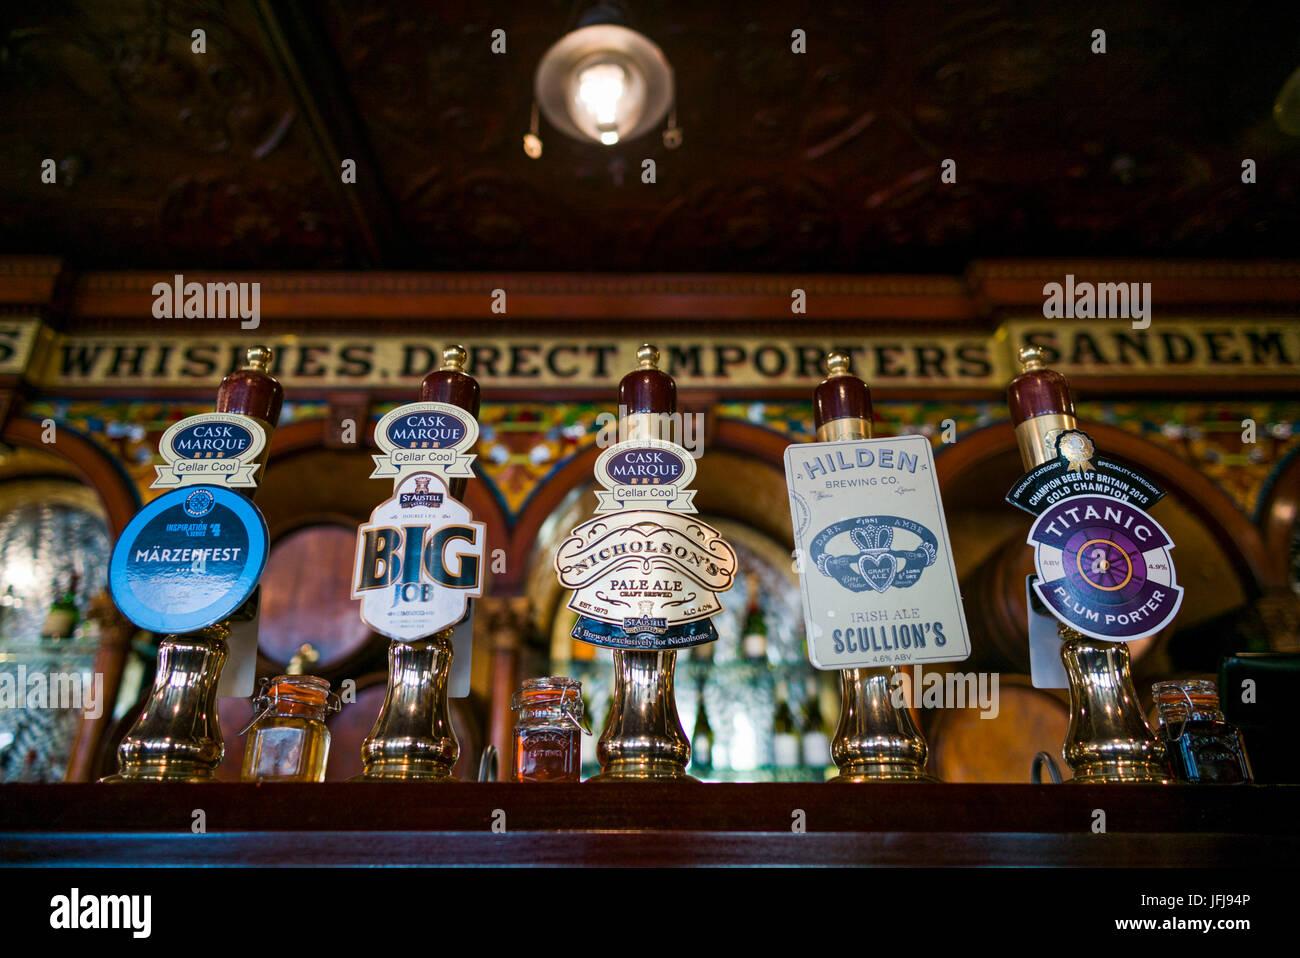 UK, Northern Ireland, Belfast, Crown Liquor Saloon, historic 1885 bar, beer taps - Stock Image